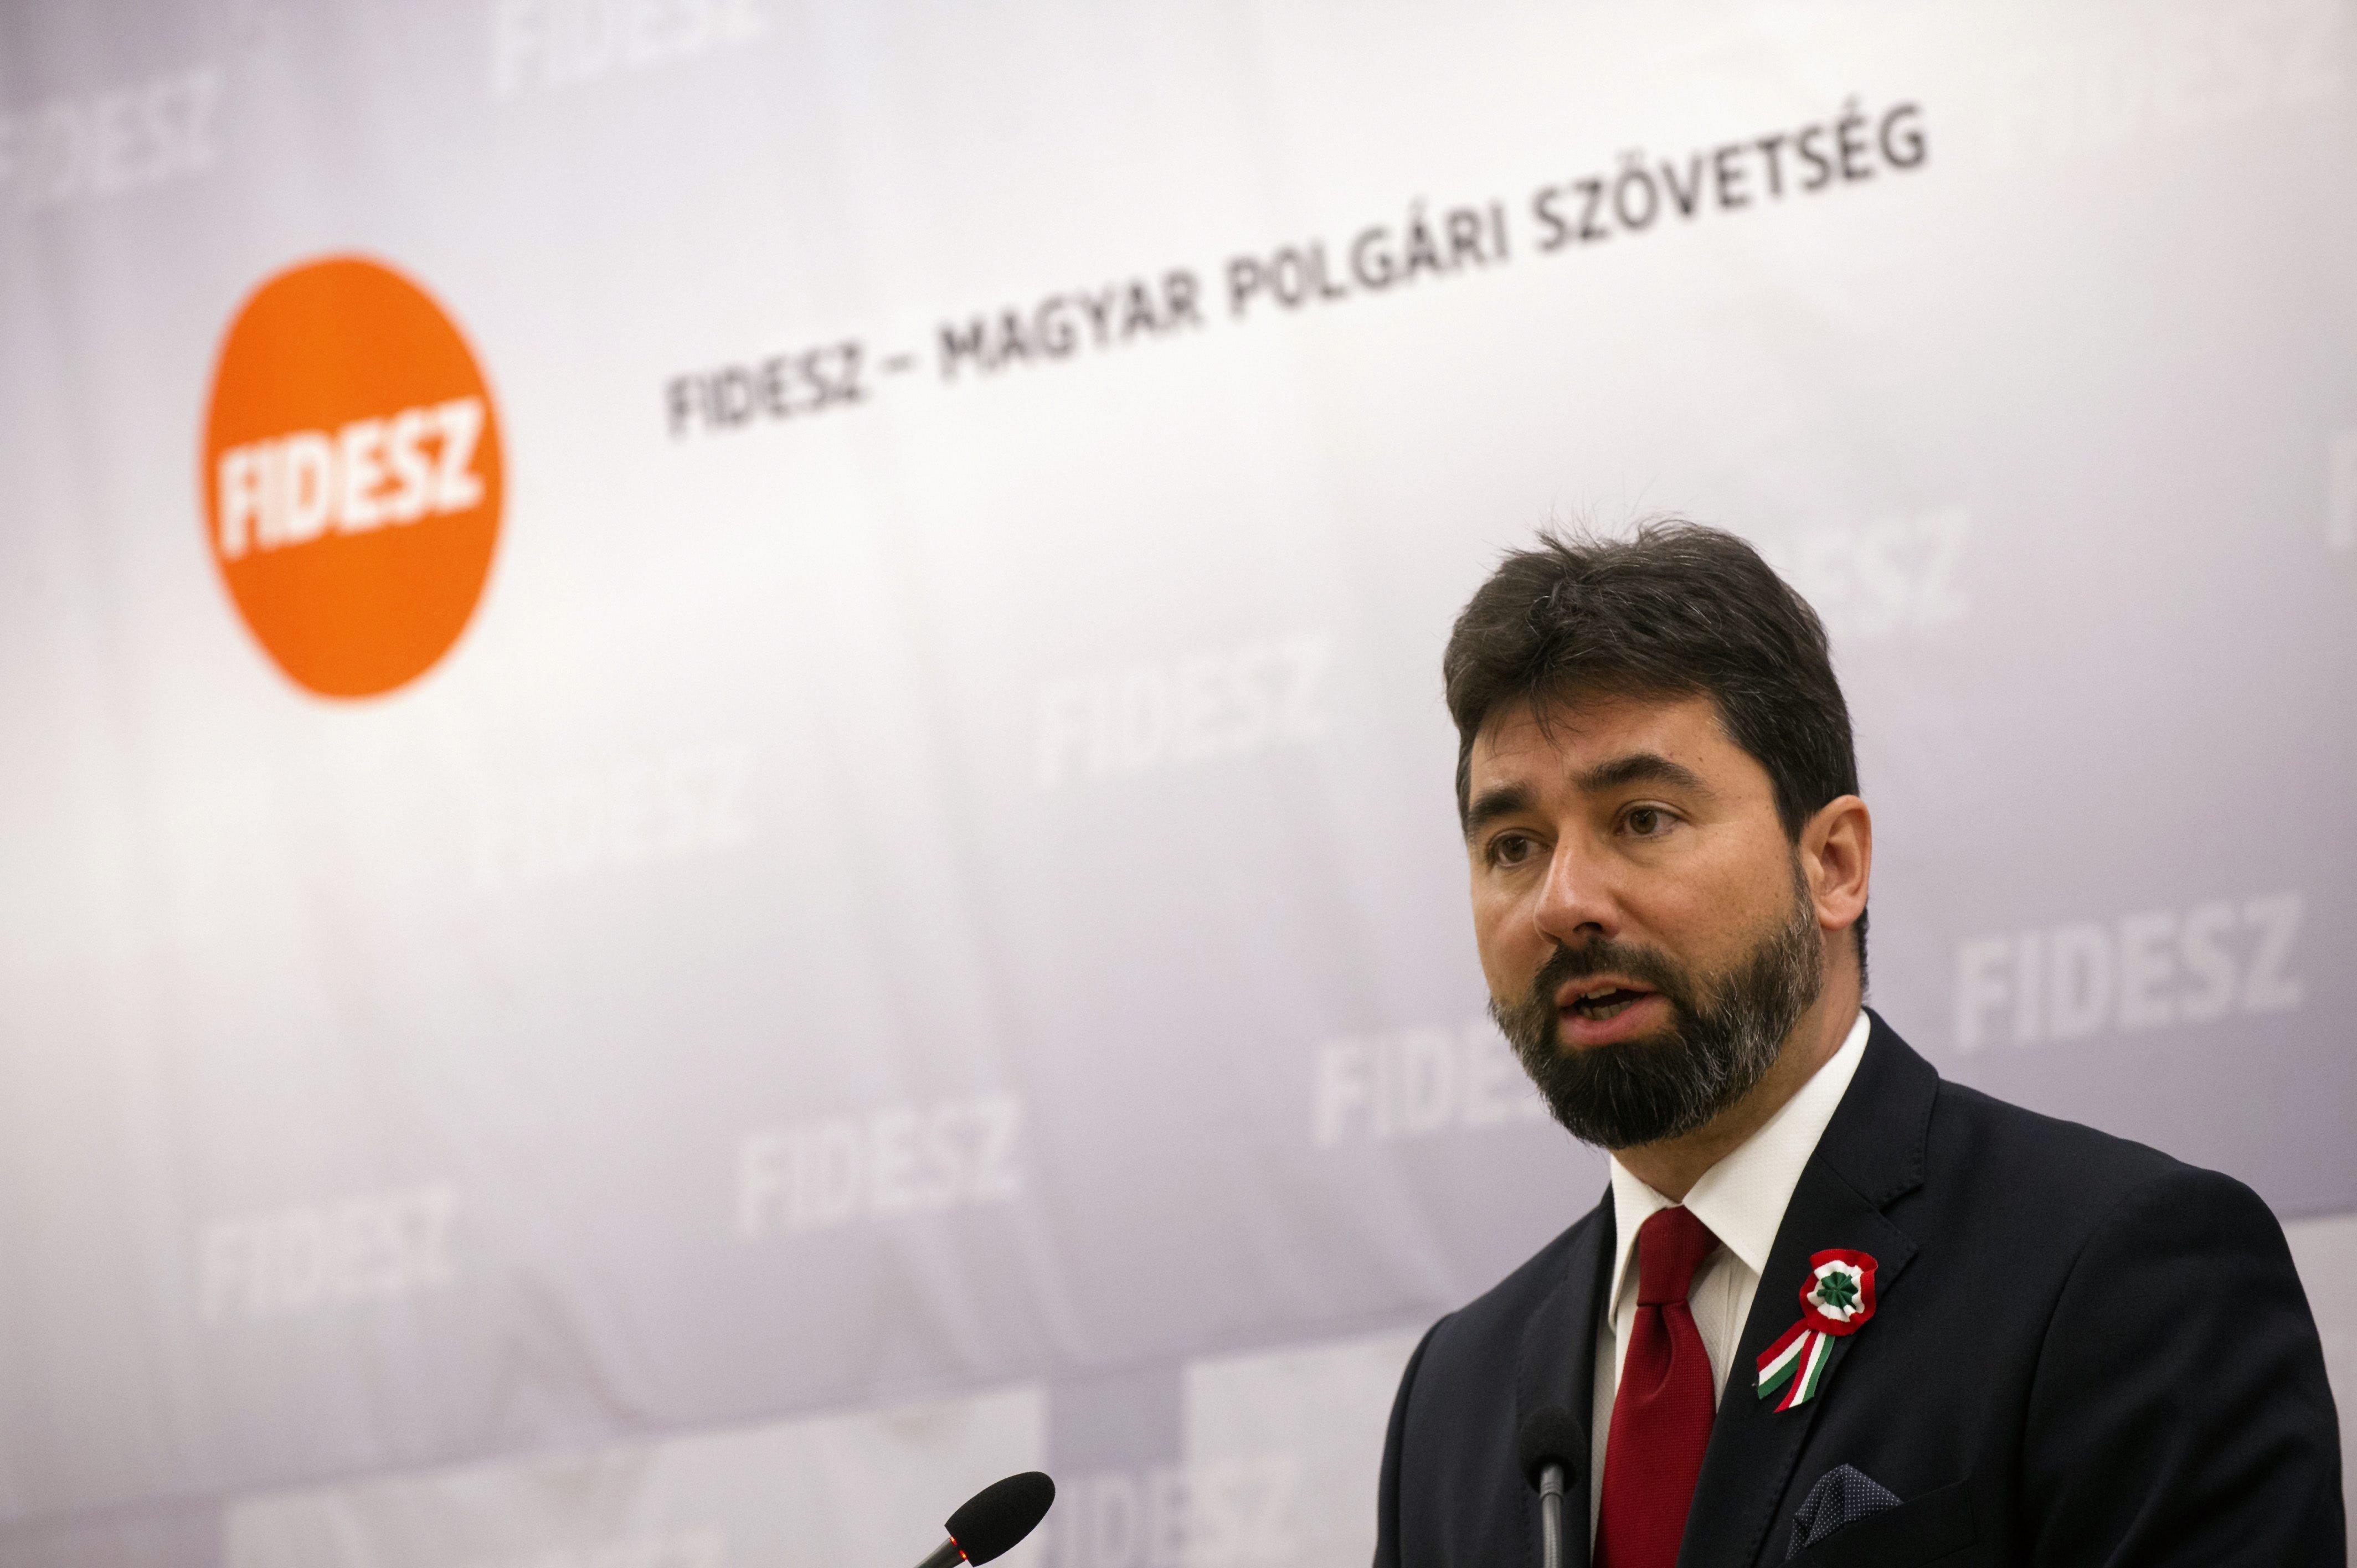 A Fideszben elégedettek a negatív kampánnyal, ezért ezt folytatják jövőre is